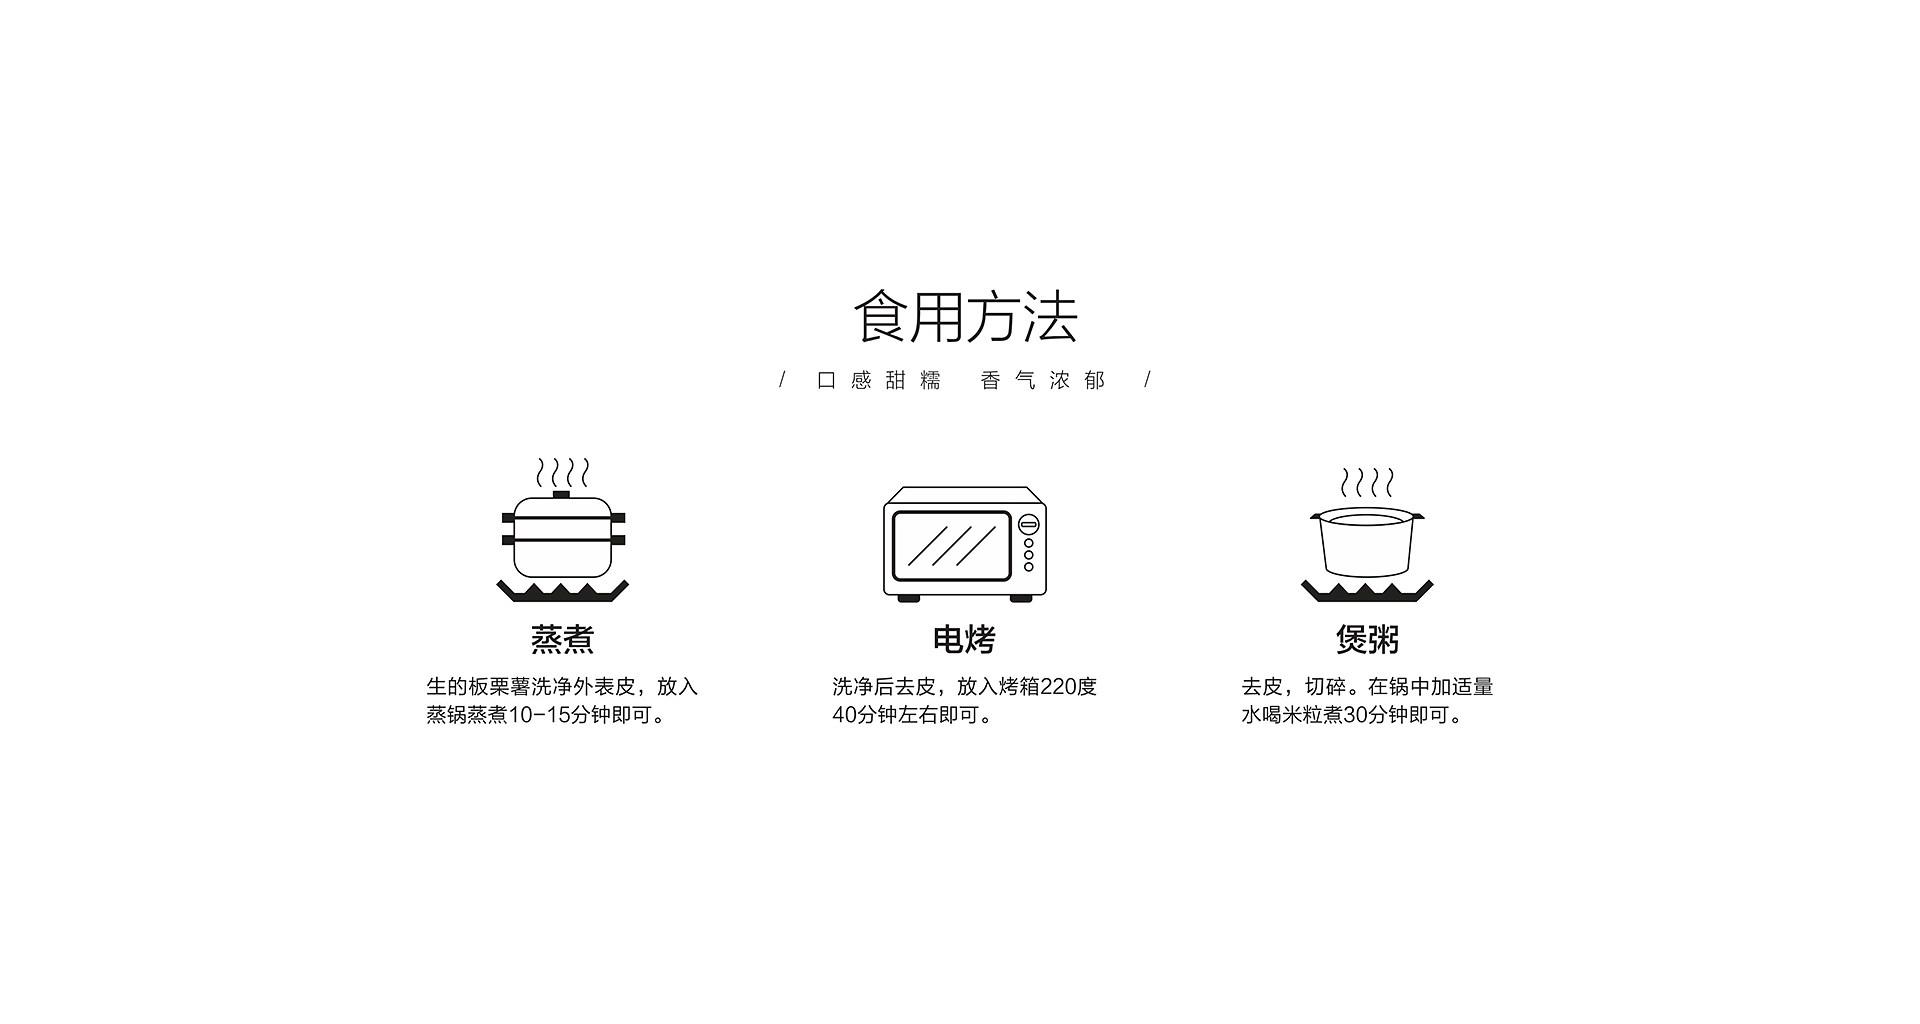 绿康生案例整理_0008.JPG